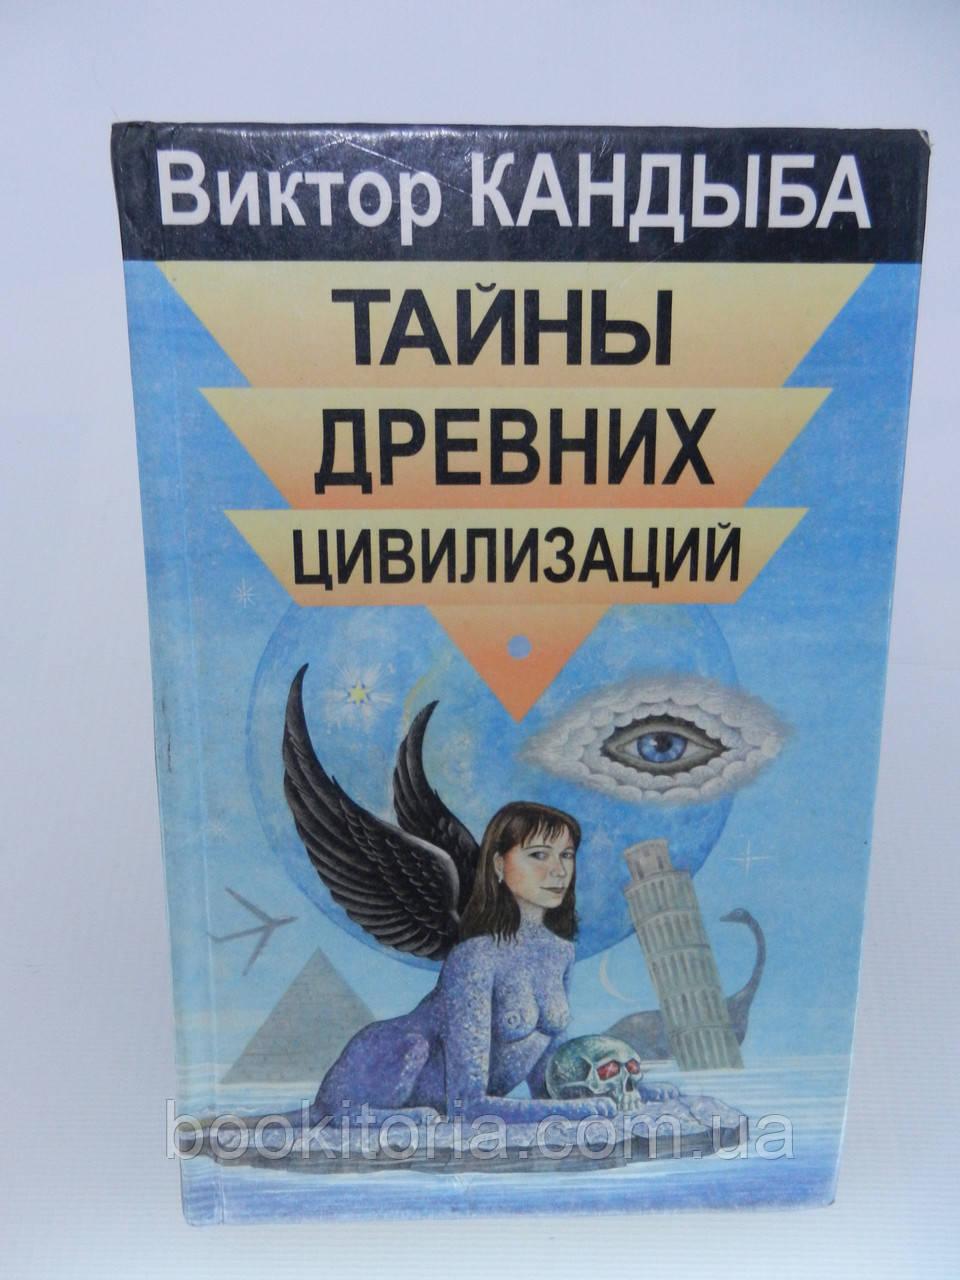 Кандыба В. Тайны древних цивилизаций (б/у).